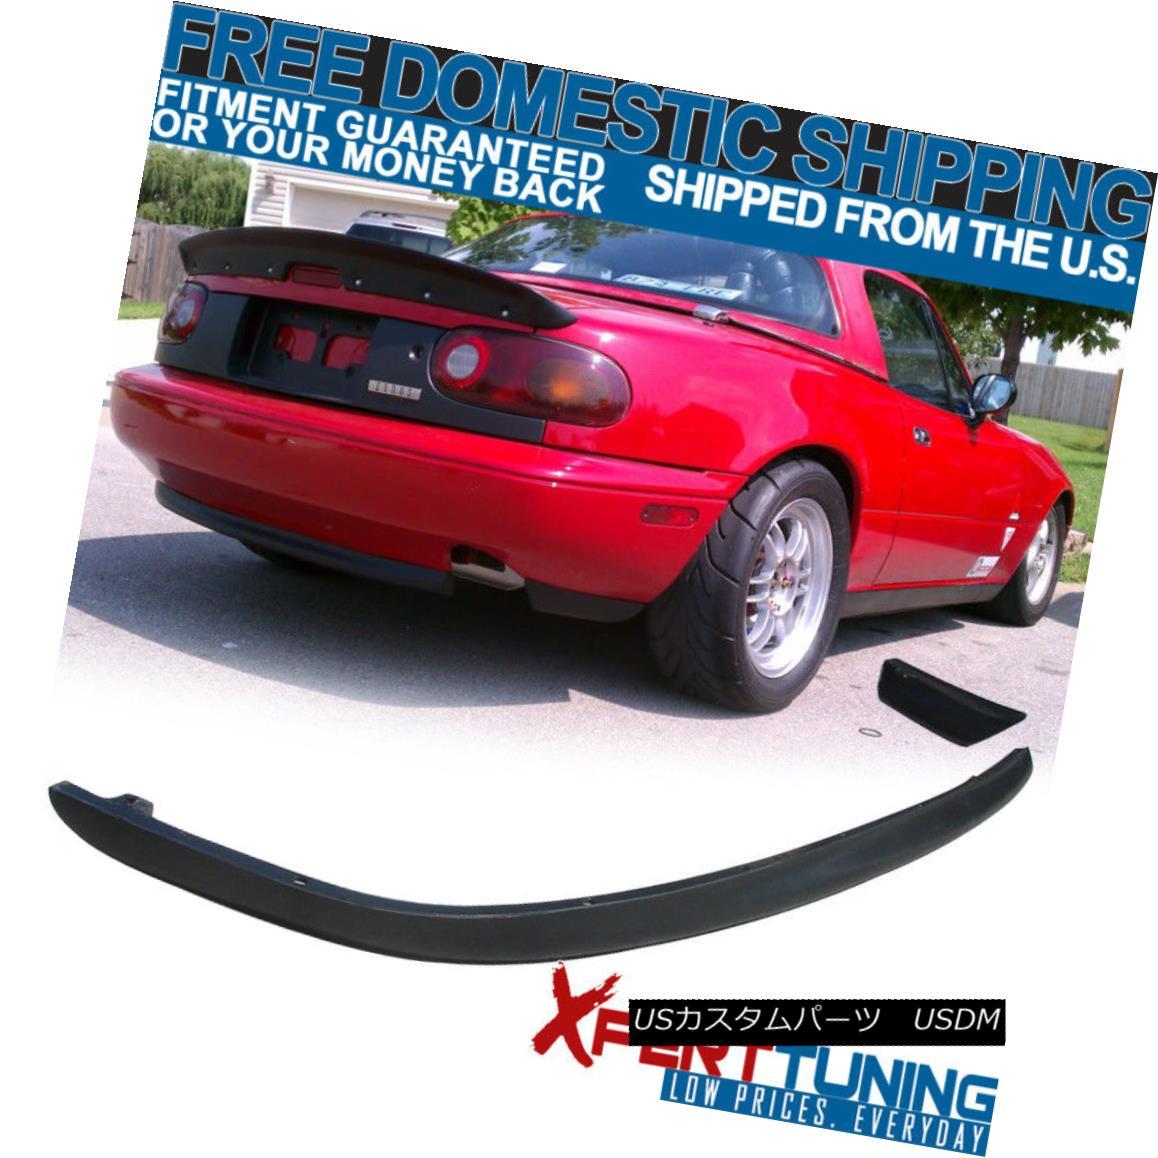 エアロパーツ Fits 90-97 Mazda Miata JDM MX5 Urethane Rear Bumper Diffuser Lip Spoiler Kit フィット90-97マツダMiata JDM MX5ウレタンリヤバンパーディフューザーリップスポイラーキット